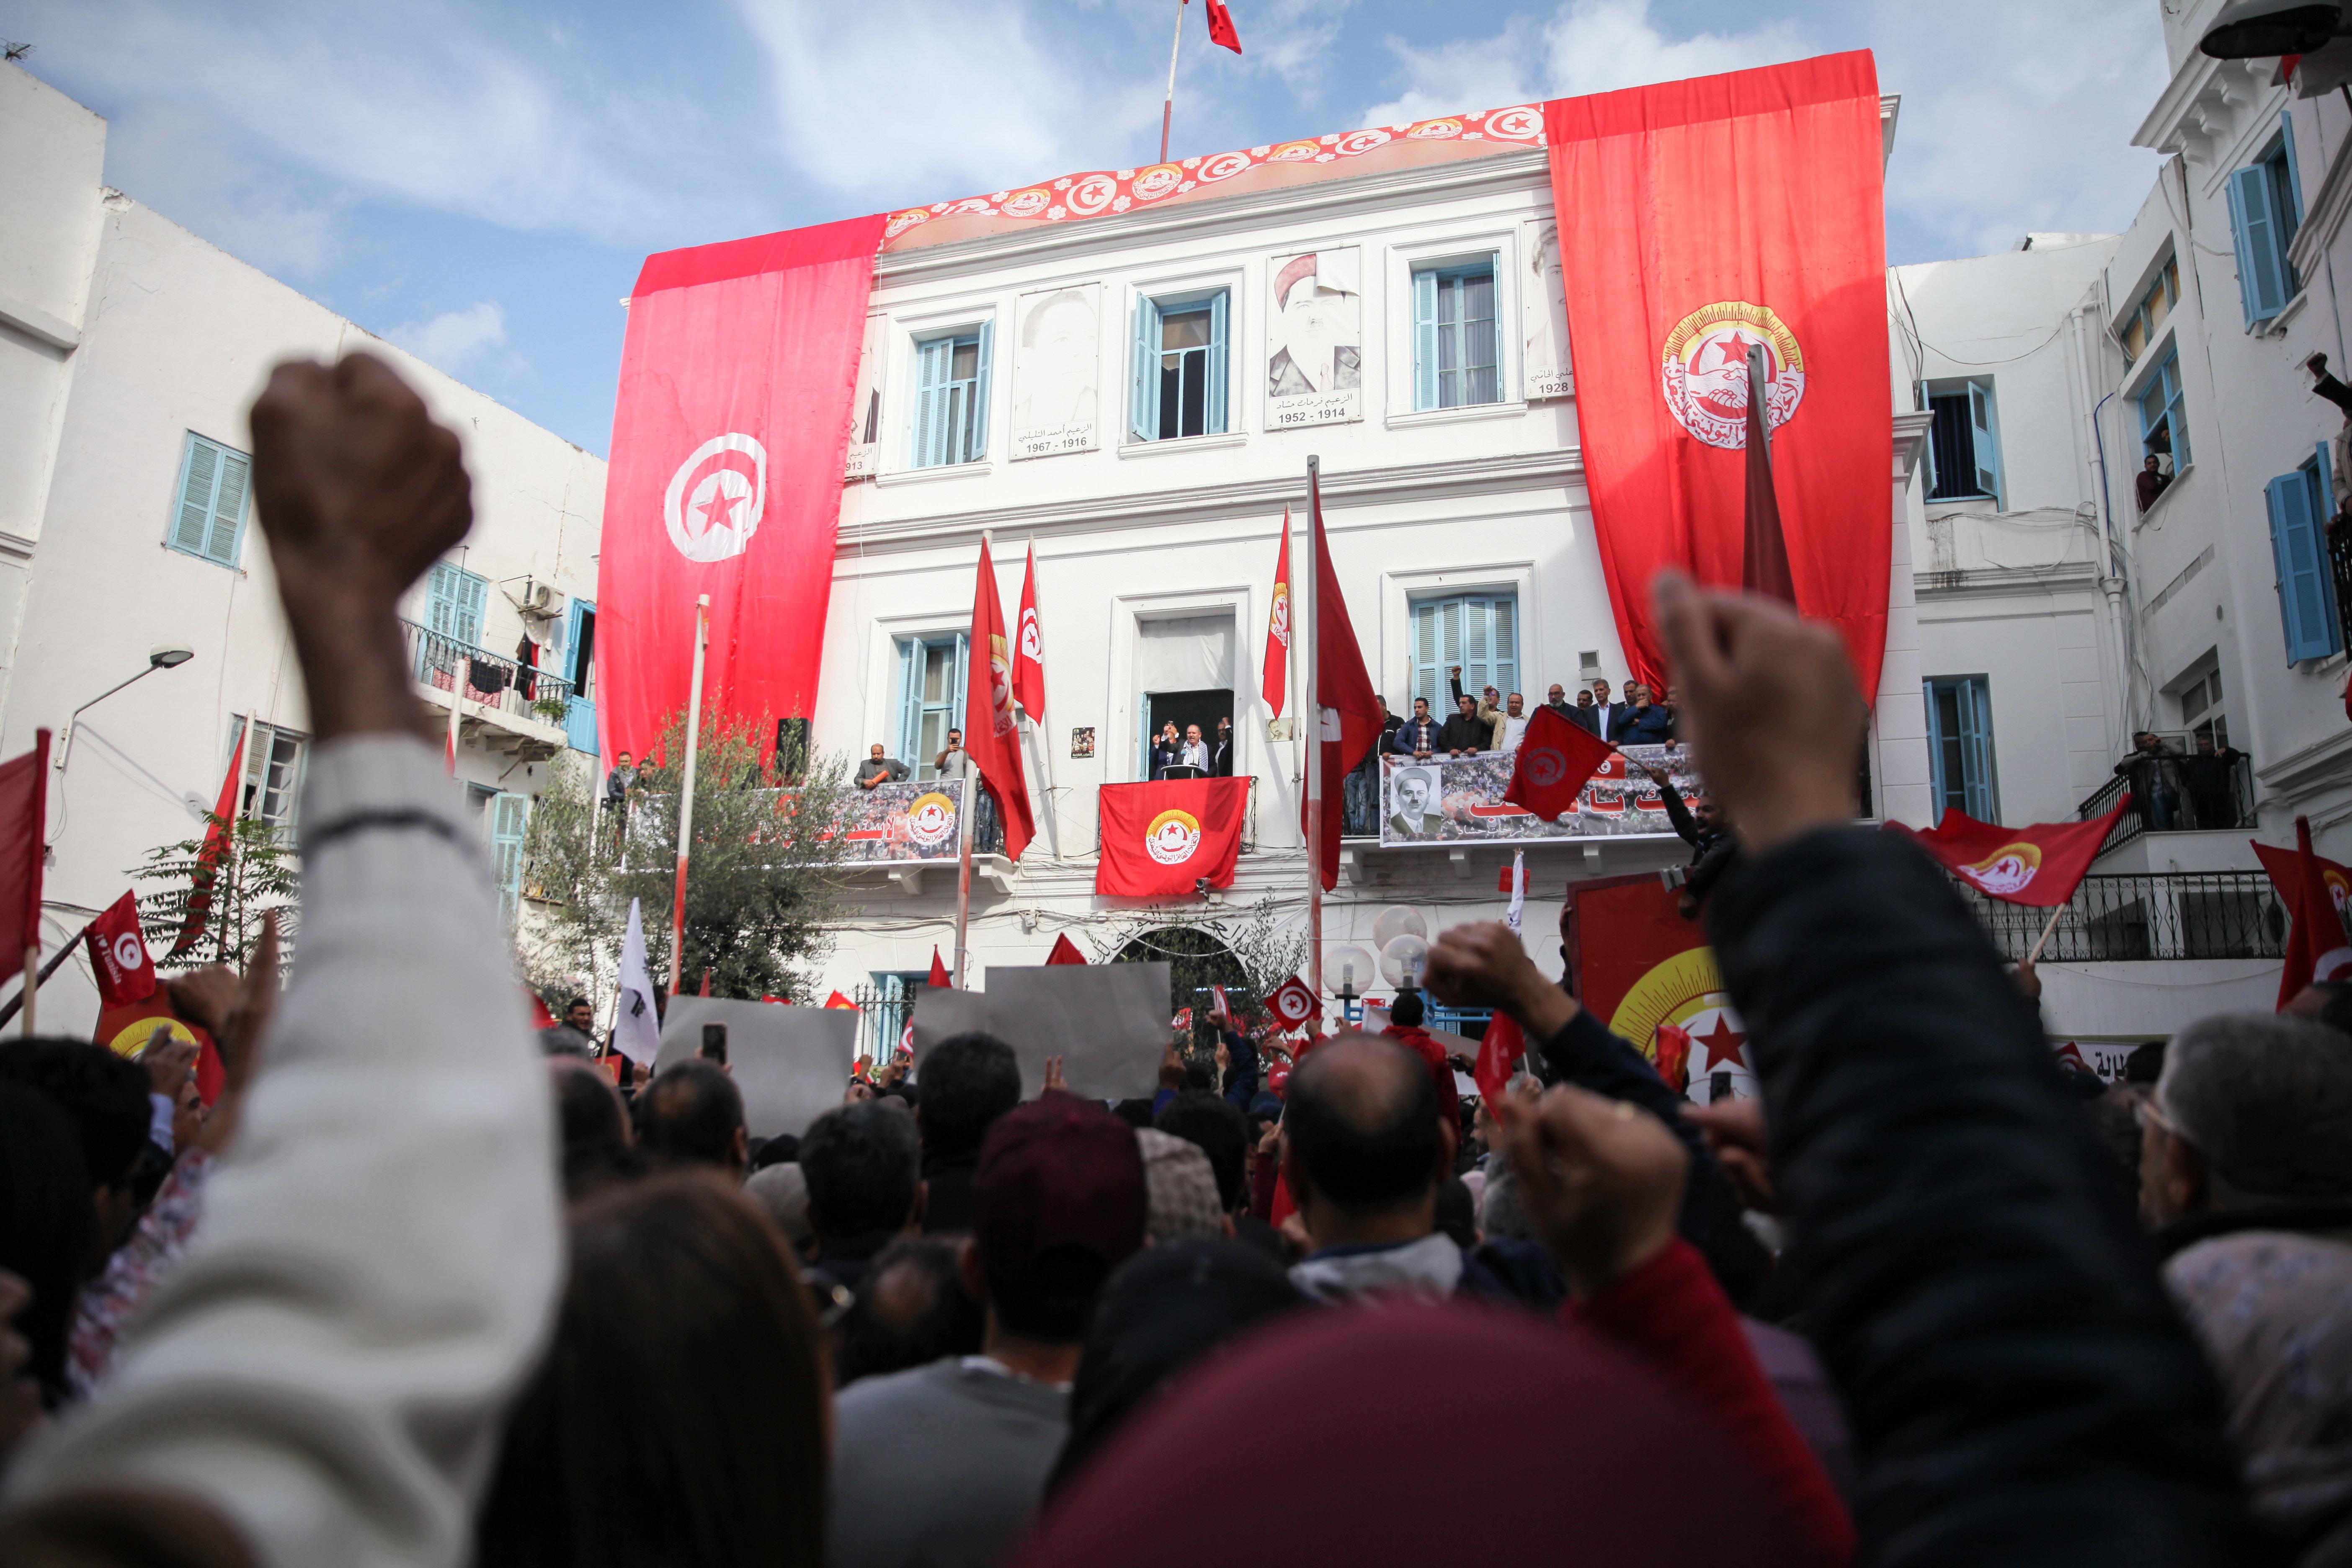 L'UGTT ne proposera pas de candidat à l'élection présidentielle affirme Samir